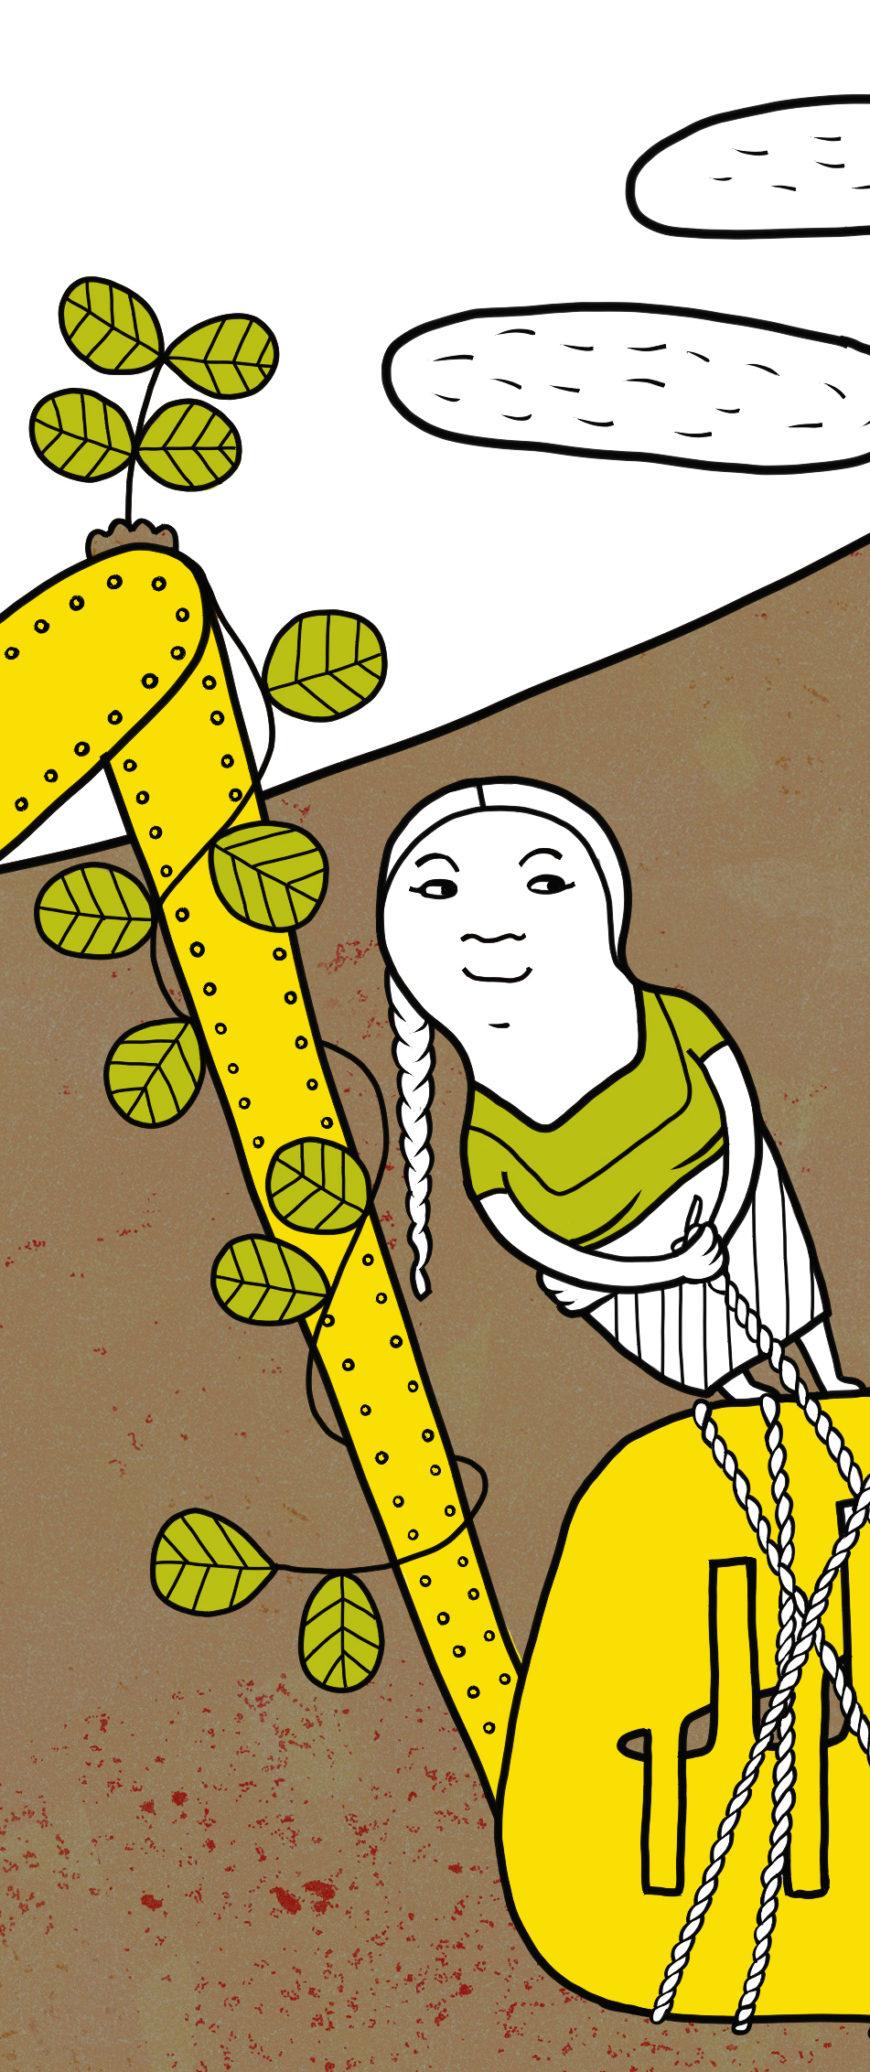 Ilustración de Emma Gascó para Calala.